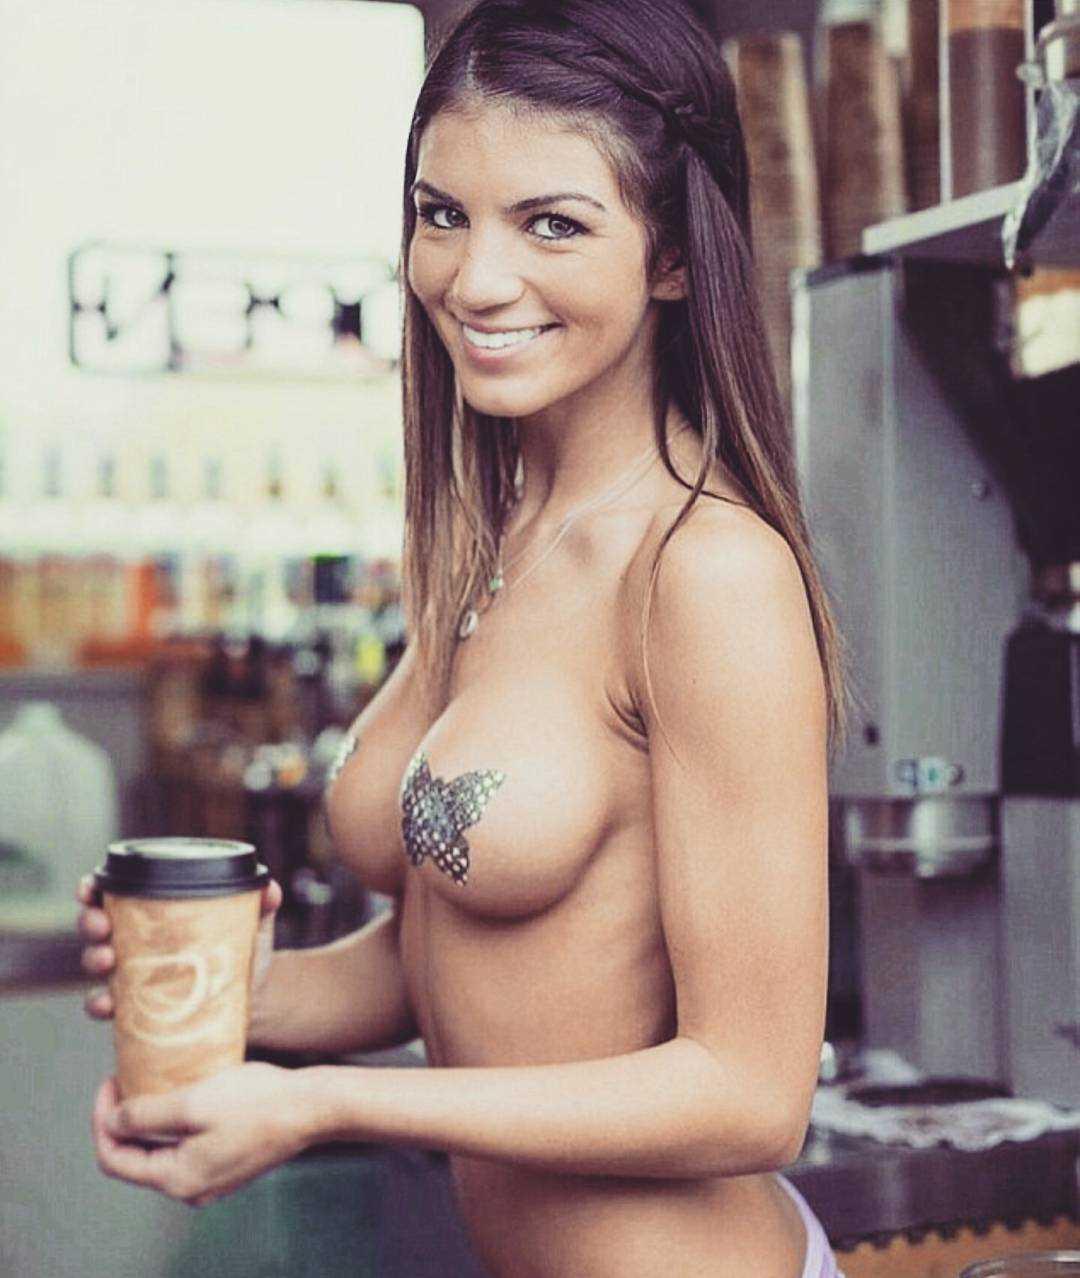 【悲報】犯罪が多発すると有名なコーヒーショップがこちら・・・・・(画像あり)・25枚目